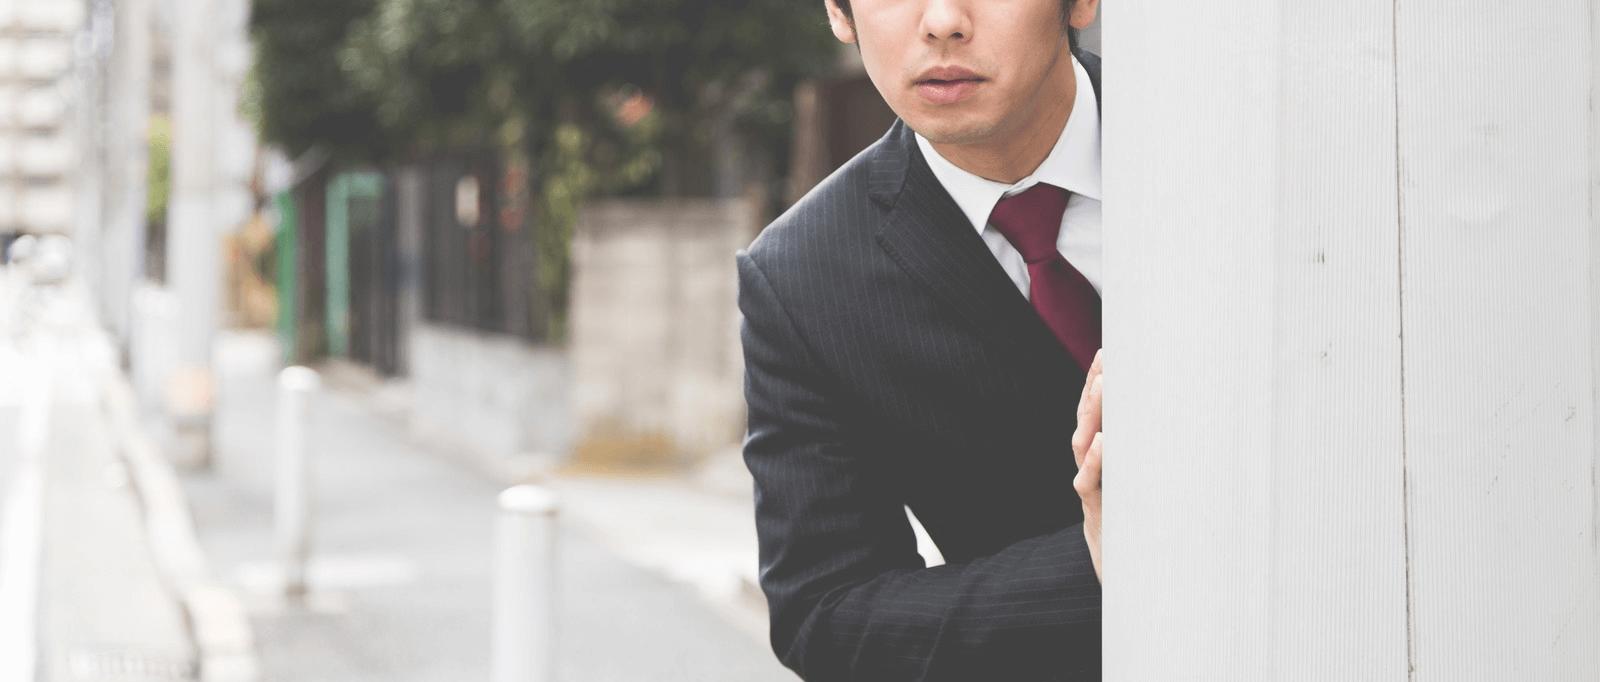 浮気調査コラム「自分で浮気調査、張り込み・尾行」 探偵 福岡の興信所